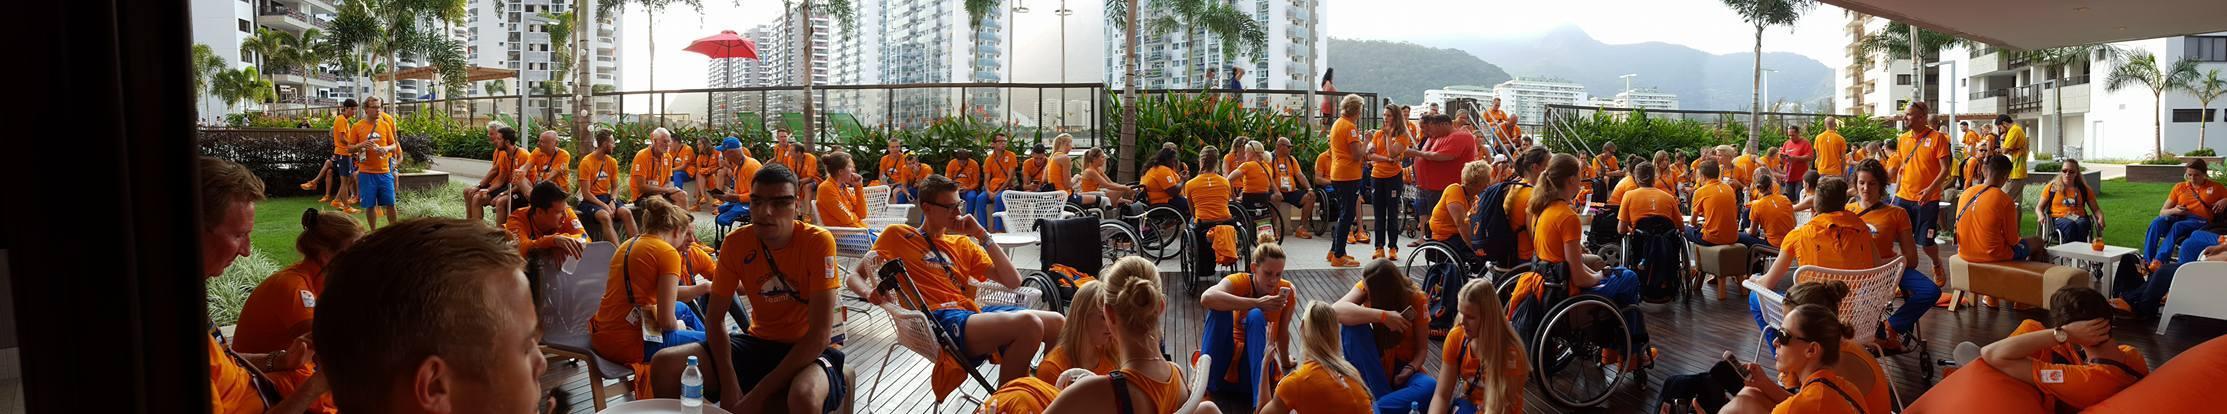 Geert Schipper verlaat Rio; 'Ooit kom ik nog een keer terug'